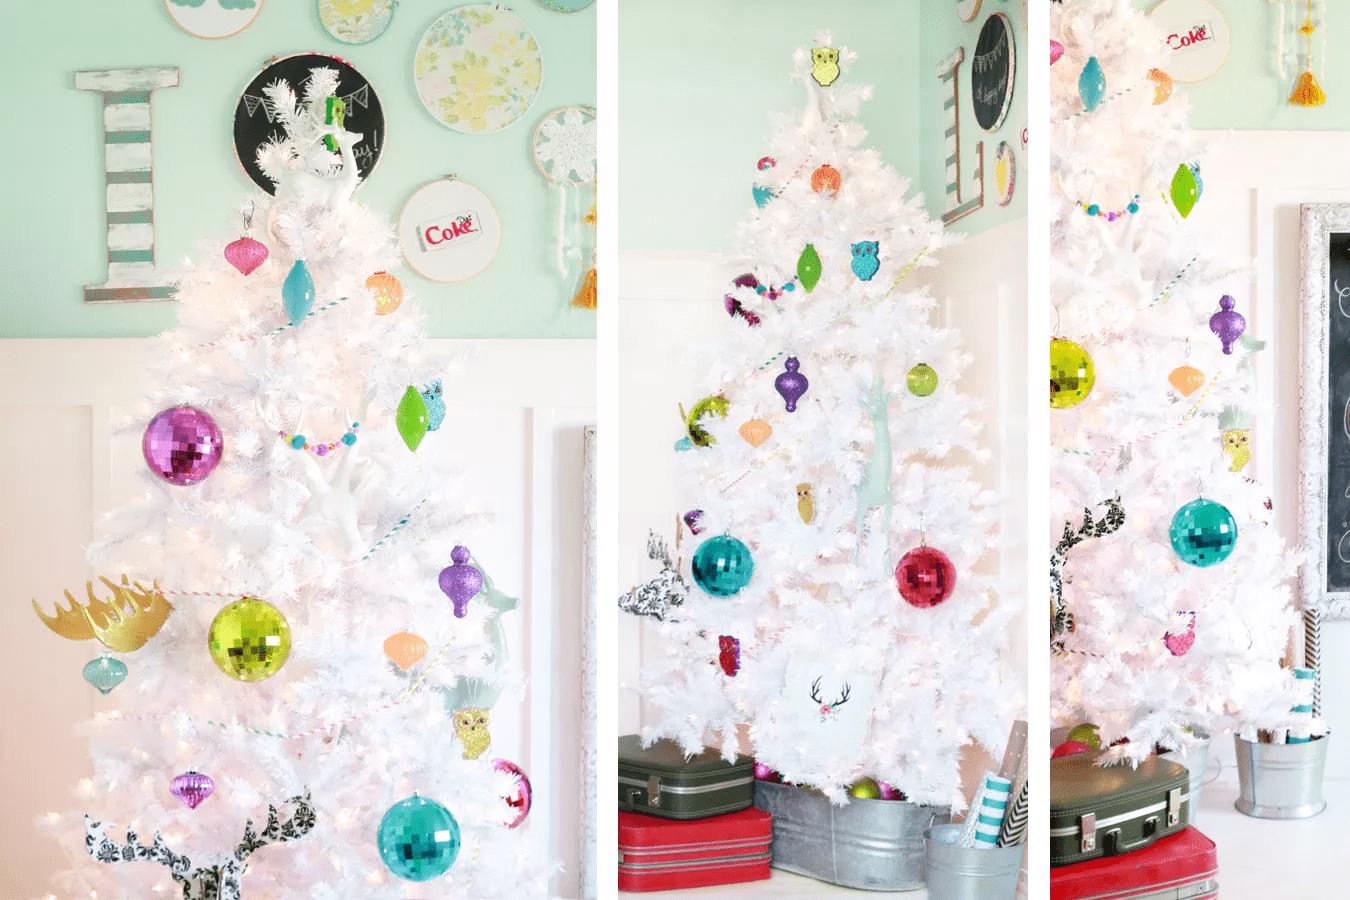 Un arbre de Noël blanc et coloré avec des ornements colorés